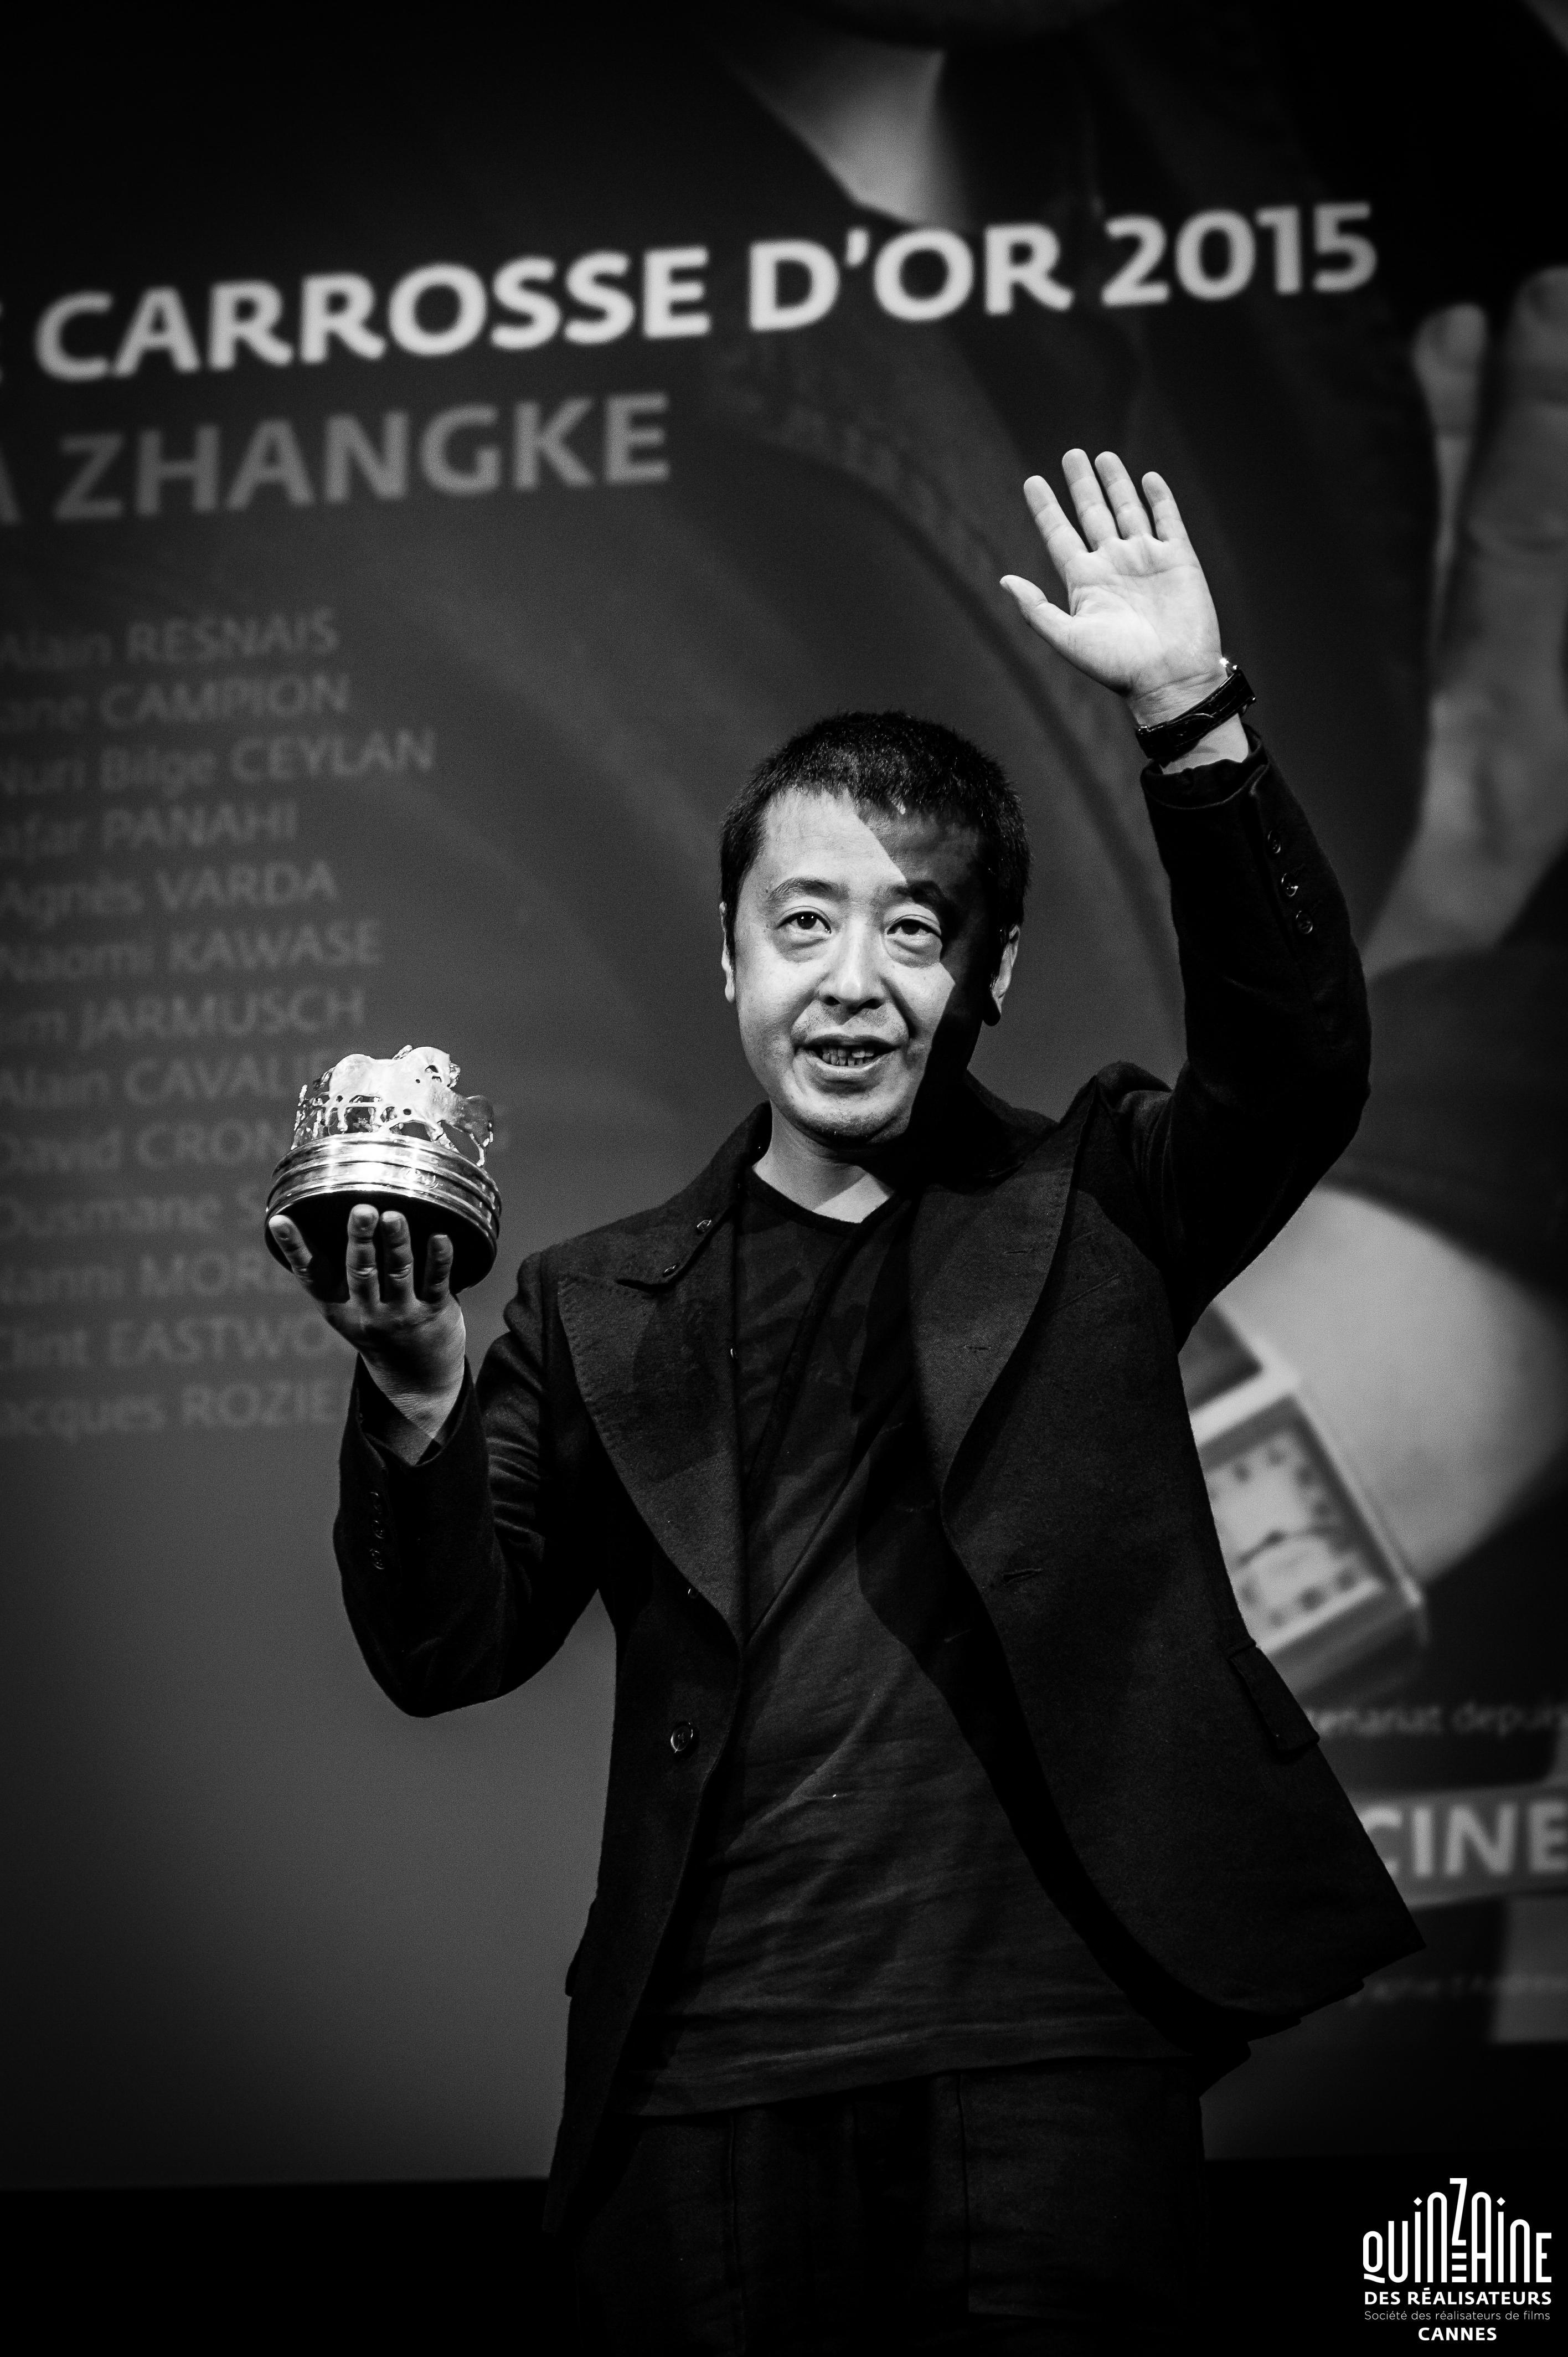 Soirée d'ouverture de la Quinzaine des Réalisateurs 2015, lors de laquelle Jia Zhangke reçoit le Carrosse d'Or de la part du SRF